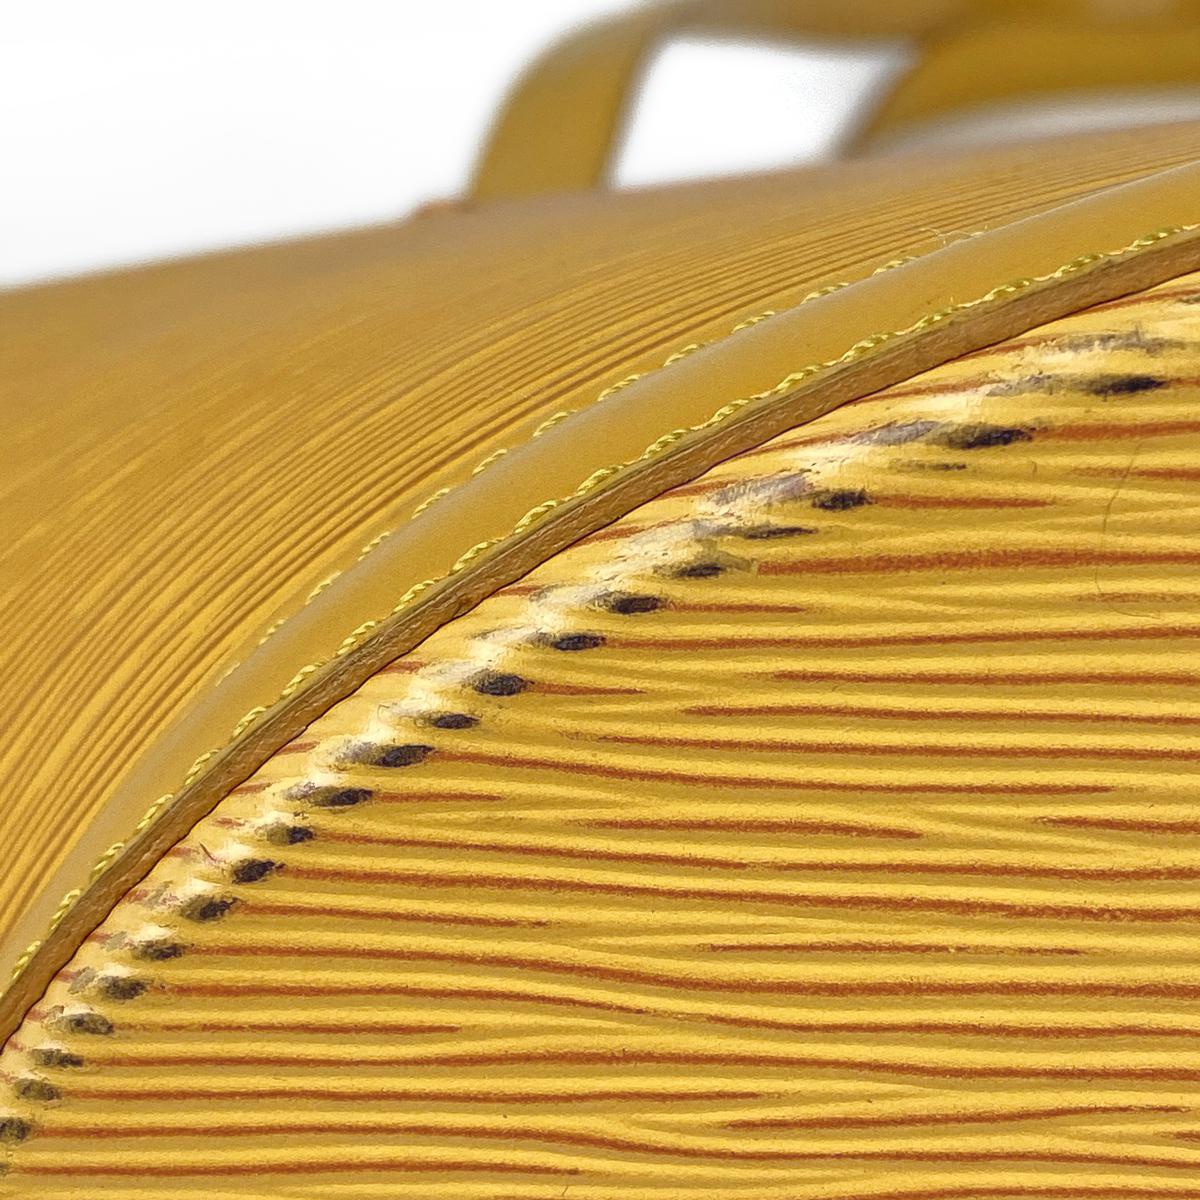 ルイ?ヴィトン Louis Vuitton サンジャック ショッピング トートバッグ 肩掛け ショルダーバッグ エピ タッシリイエロー M52269 レディース 【中古】